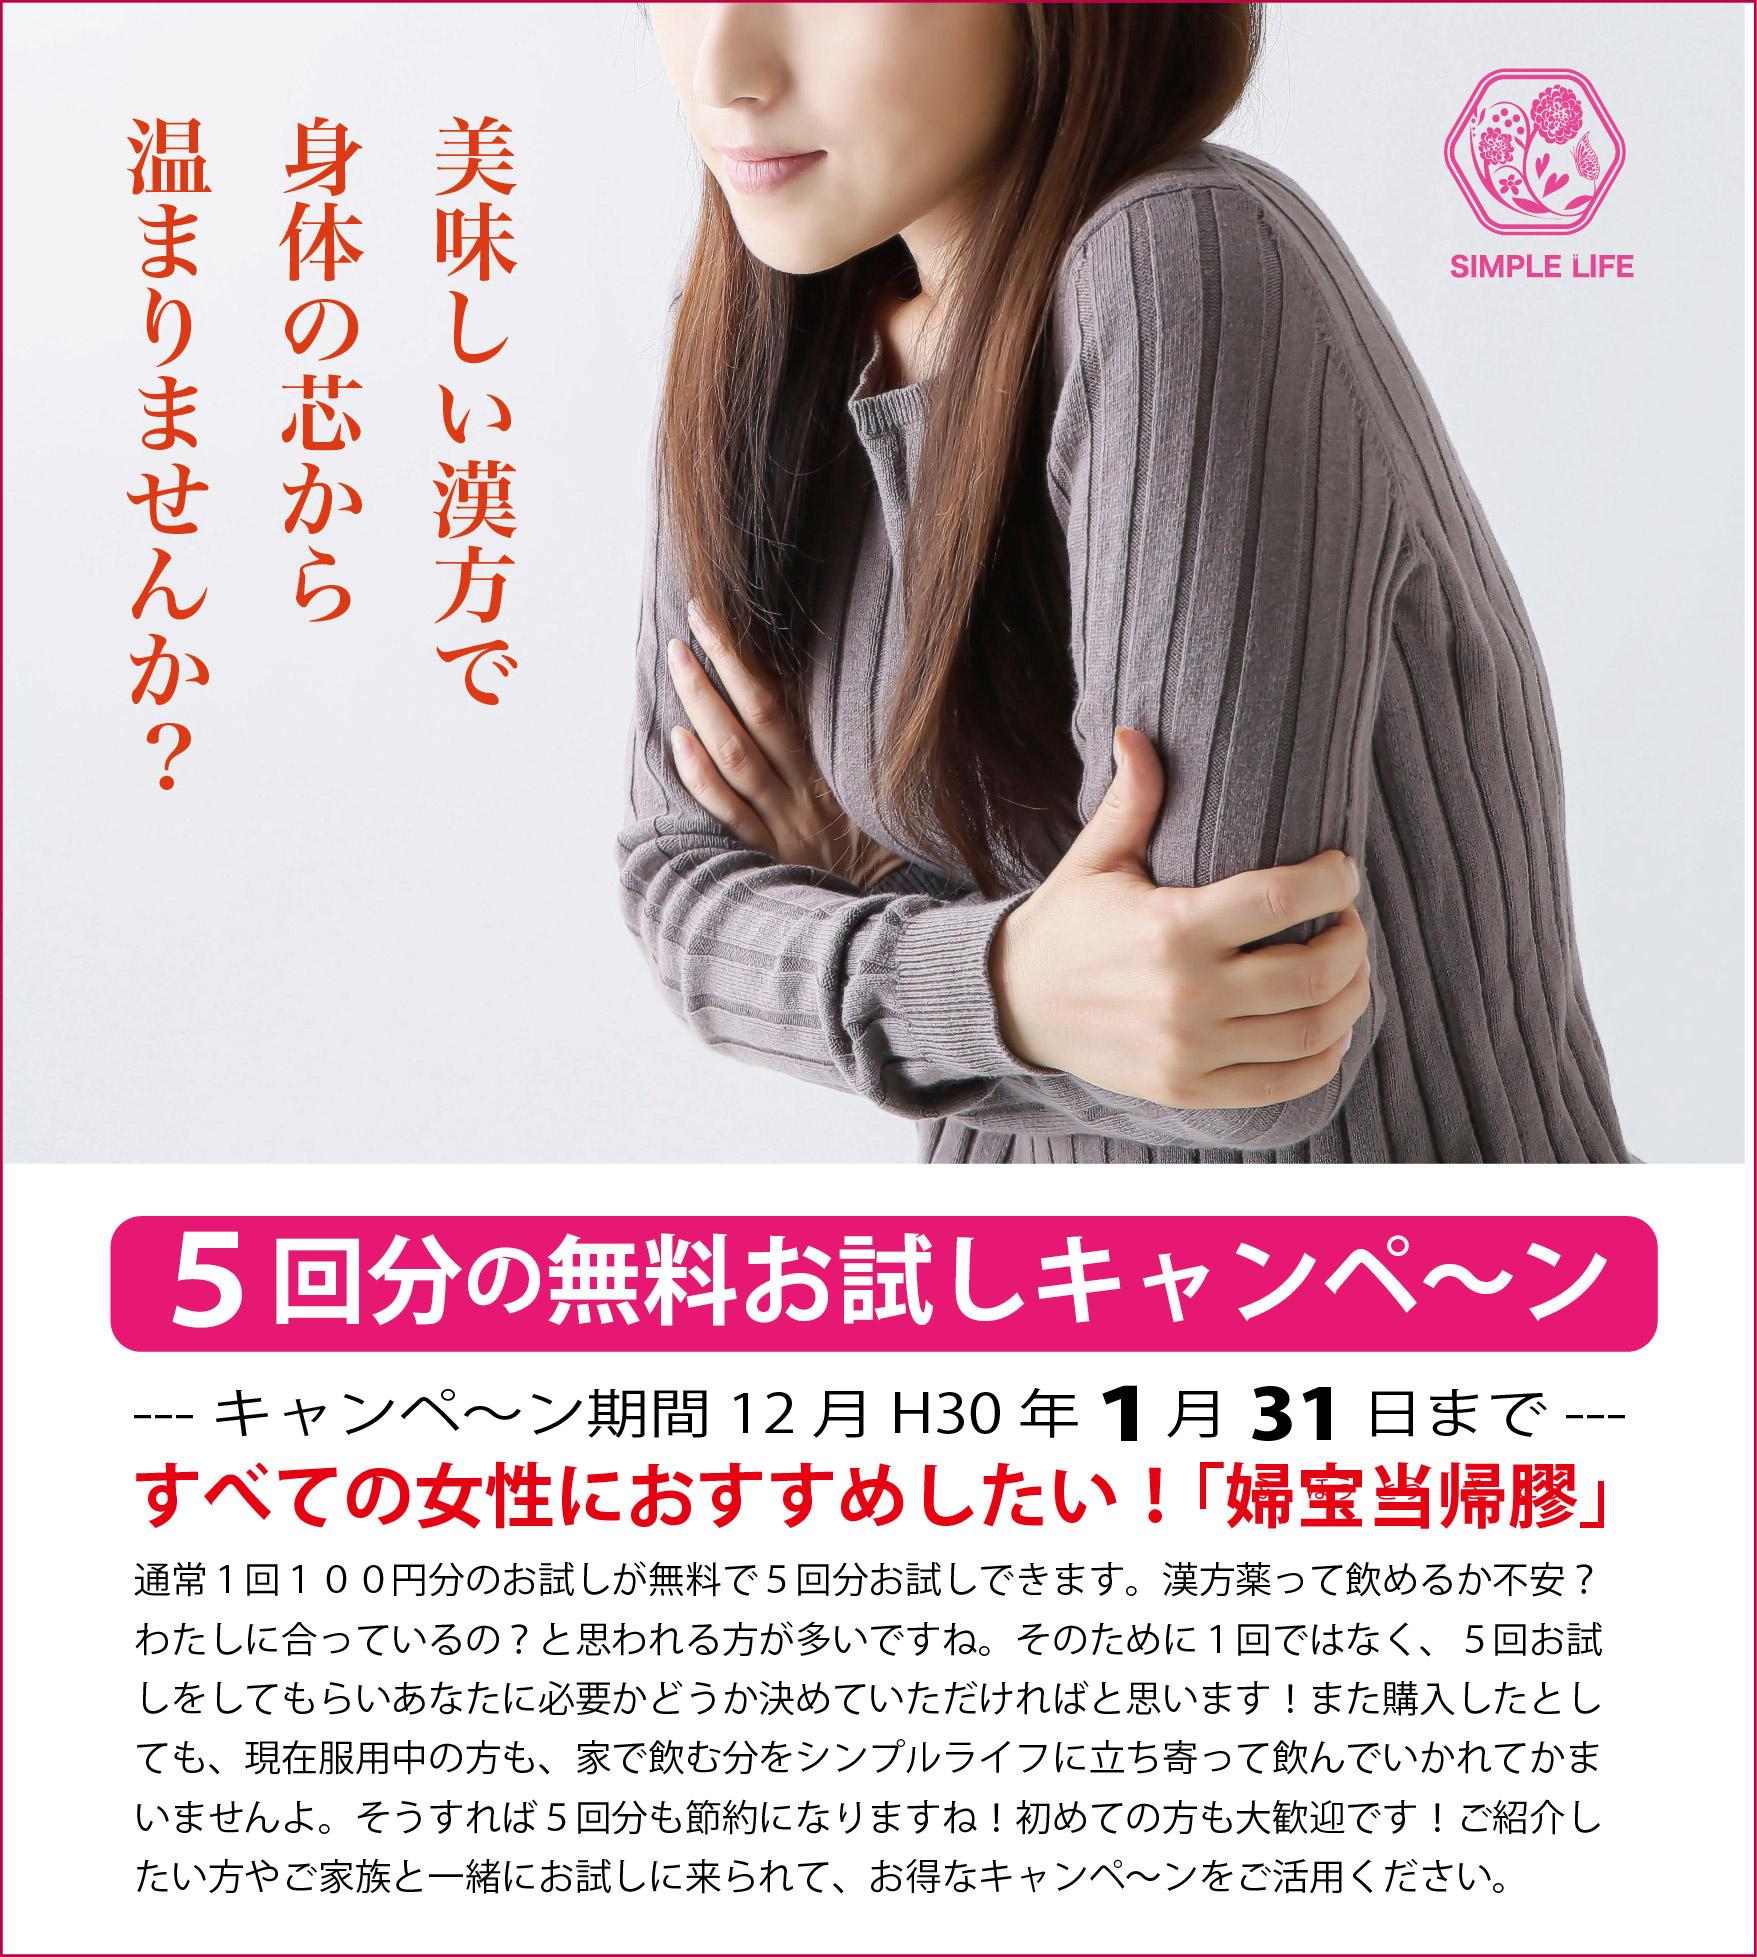 【身体の芯から温まる漢方薬の無料試飲5回キャンペ〜ン】